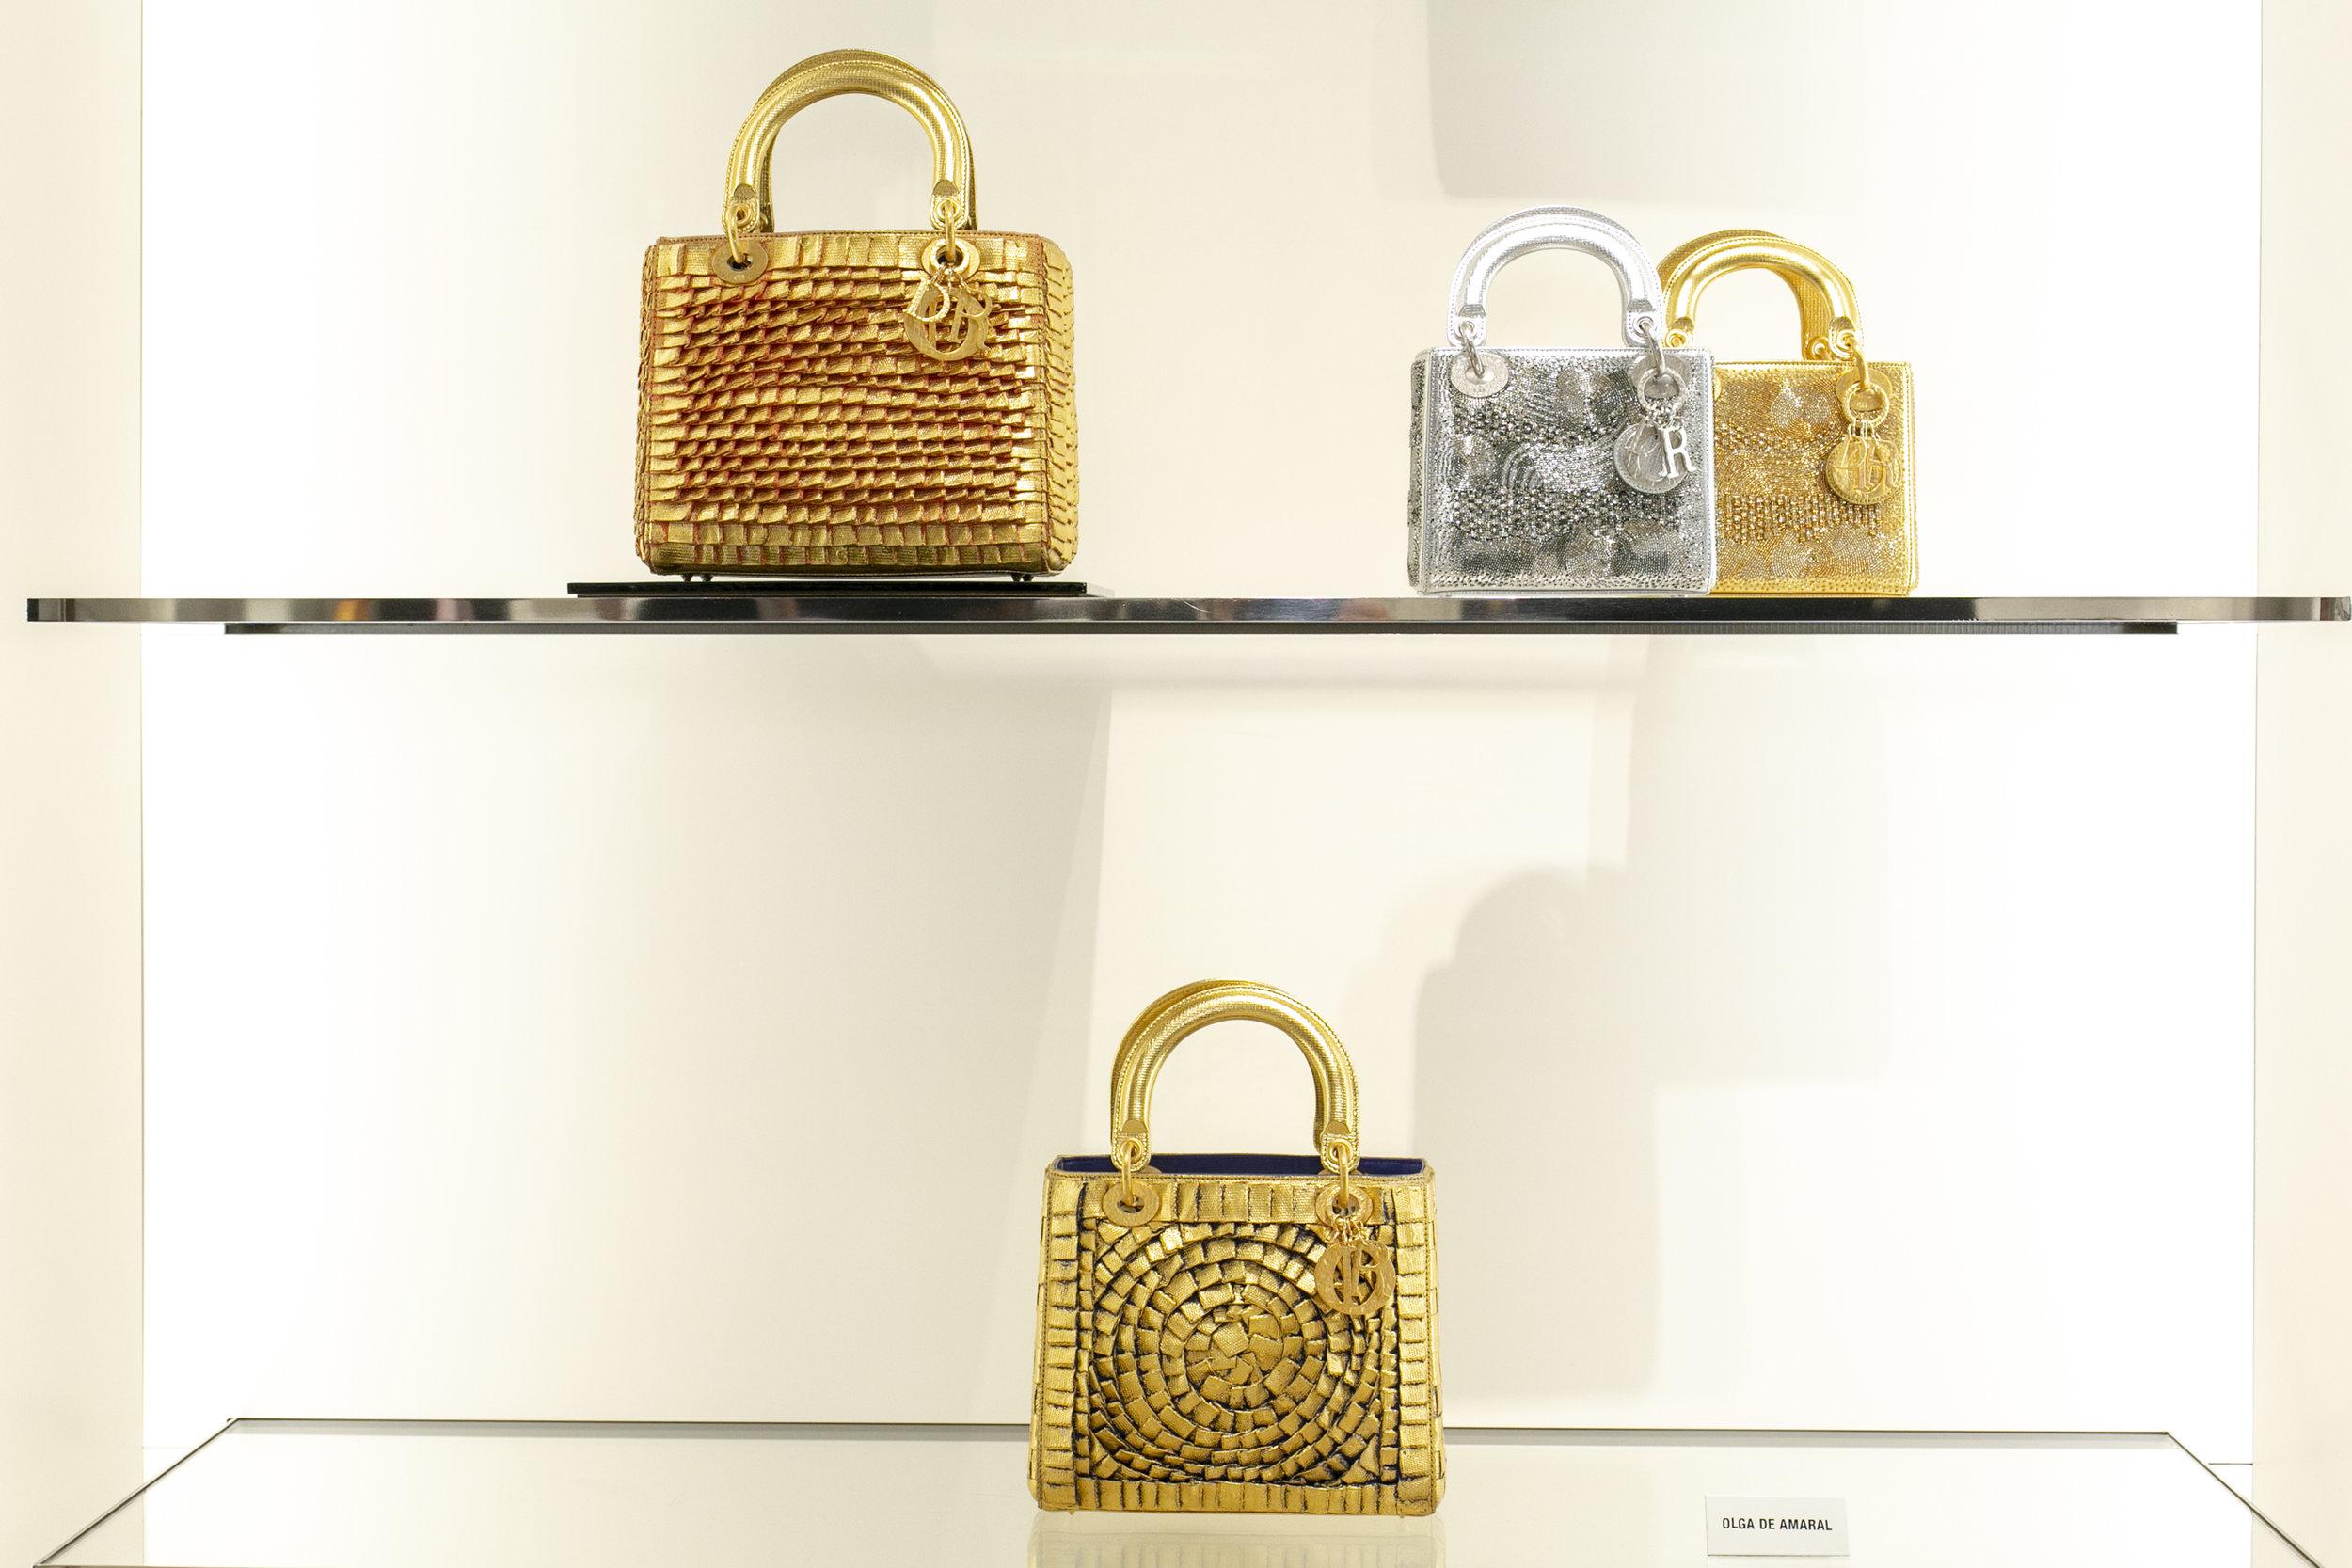 Lady Dior bag designed by Olga de Amaral. Photo by Richard Jopson.